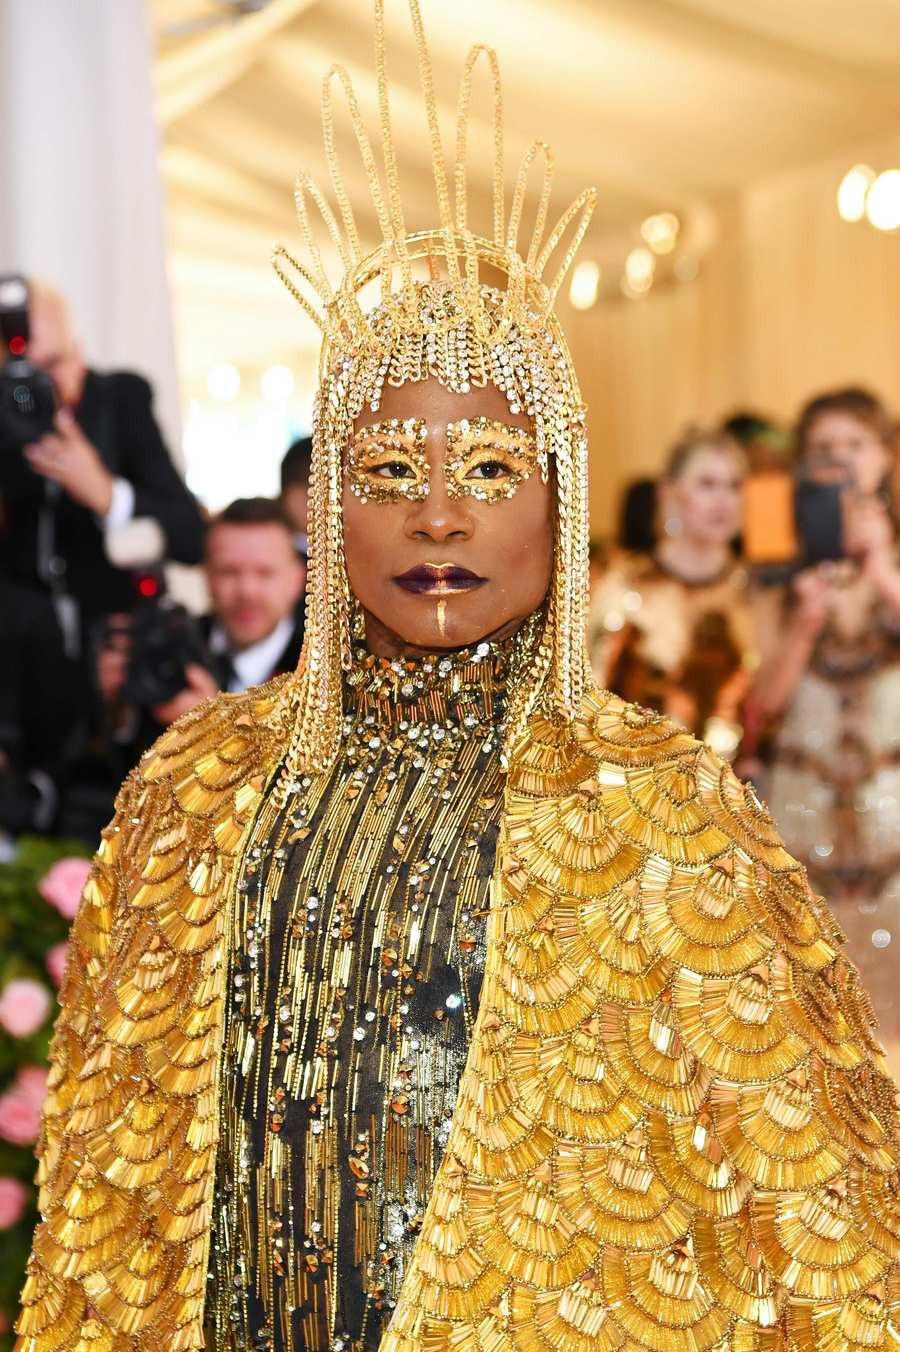 Met Gala 2019: Khó ai hơn được Lady Gaga với bộ váy biến hình 4 lần, nhưng chặt chém không kém là nam nhân dát vàng nằm kiệu - Ảnh 8.